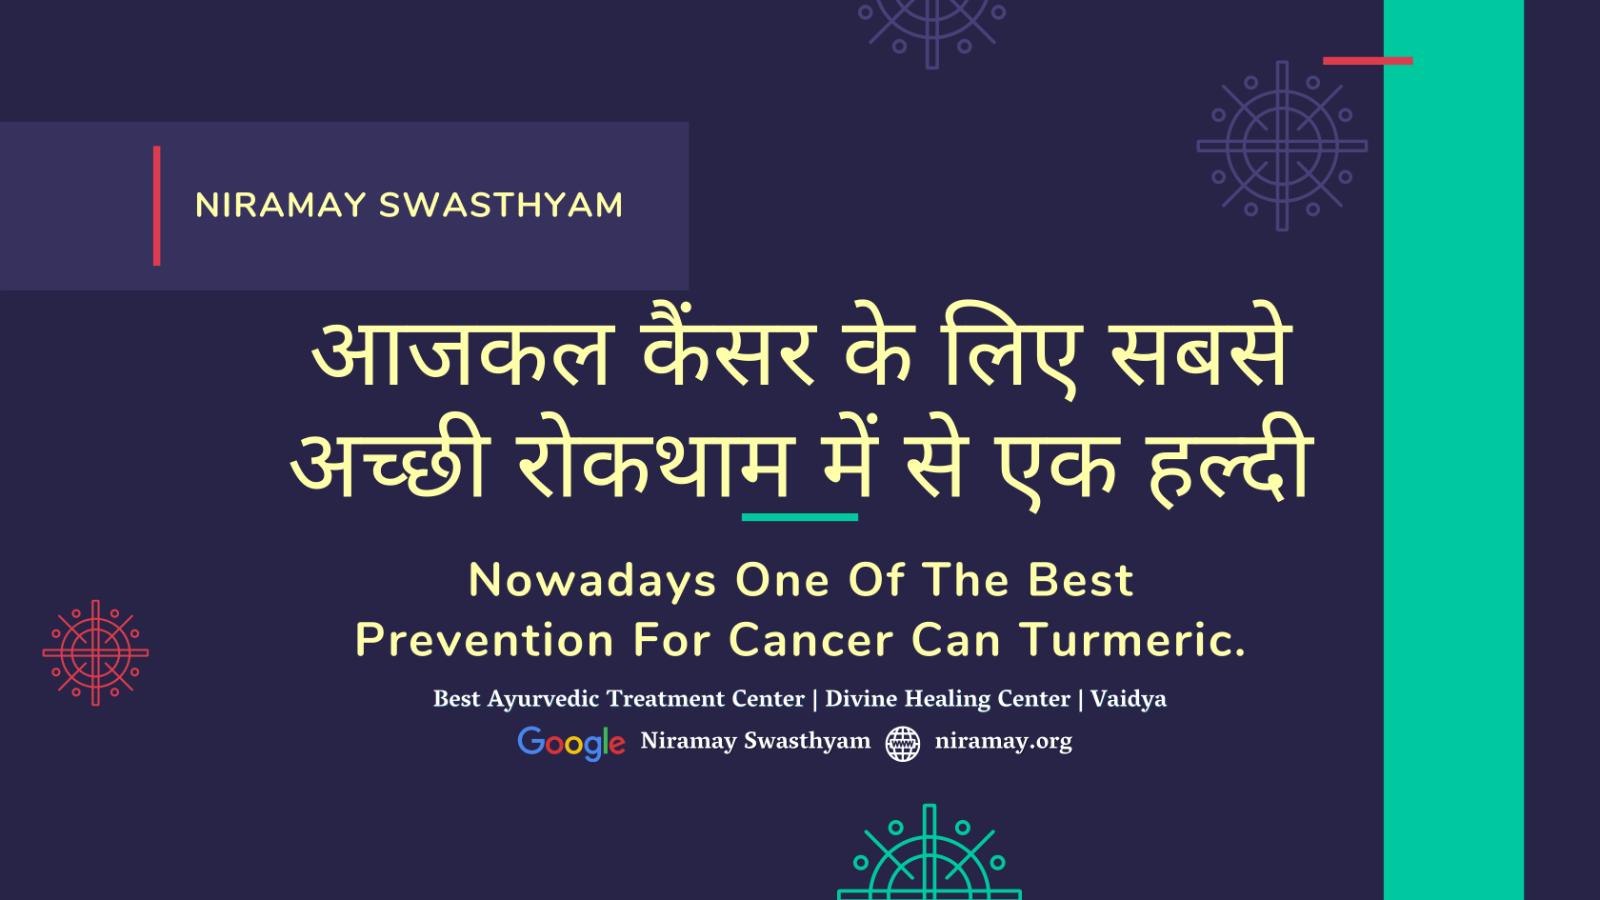 6. हल्दी कैंसर को रोकने (और शायद इलाज भी) में मदद कर सकती है, cancer treatment at niramy swasthyam